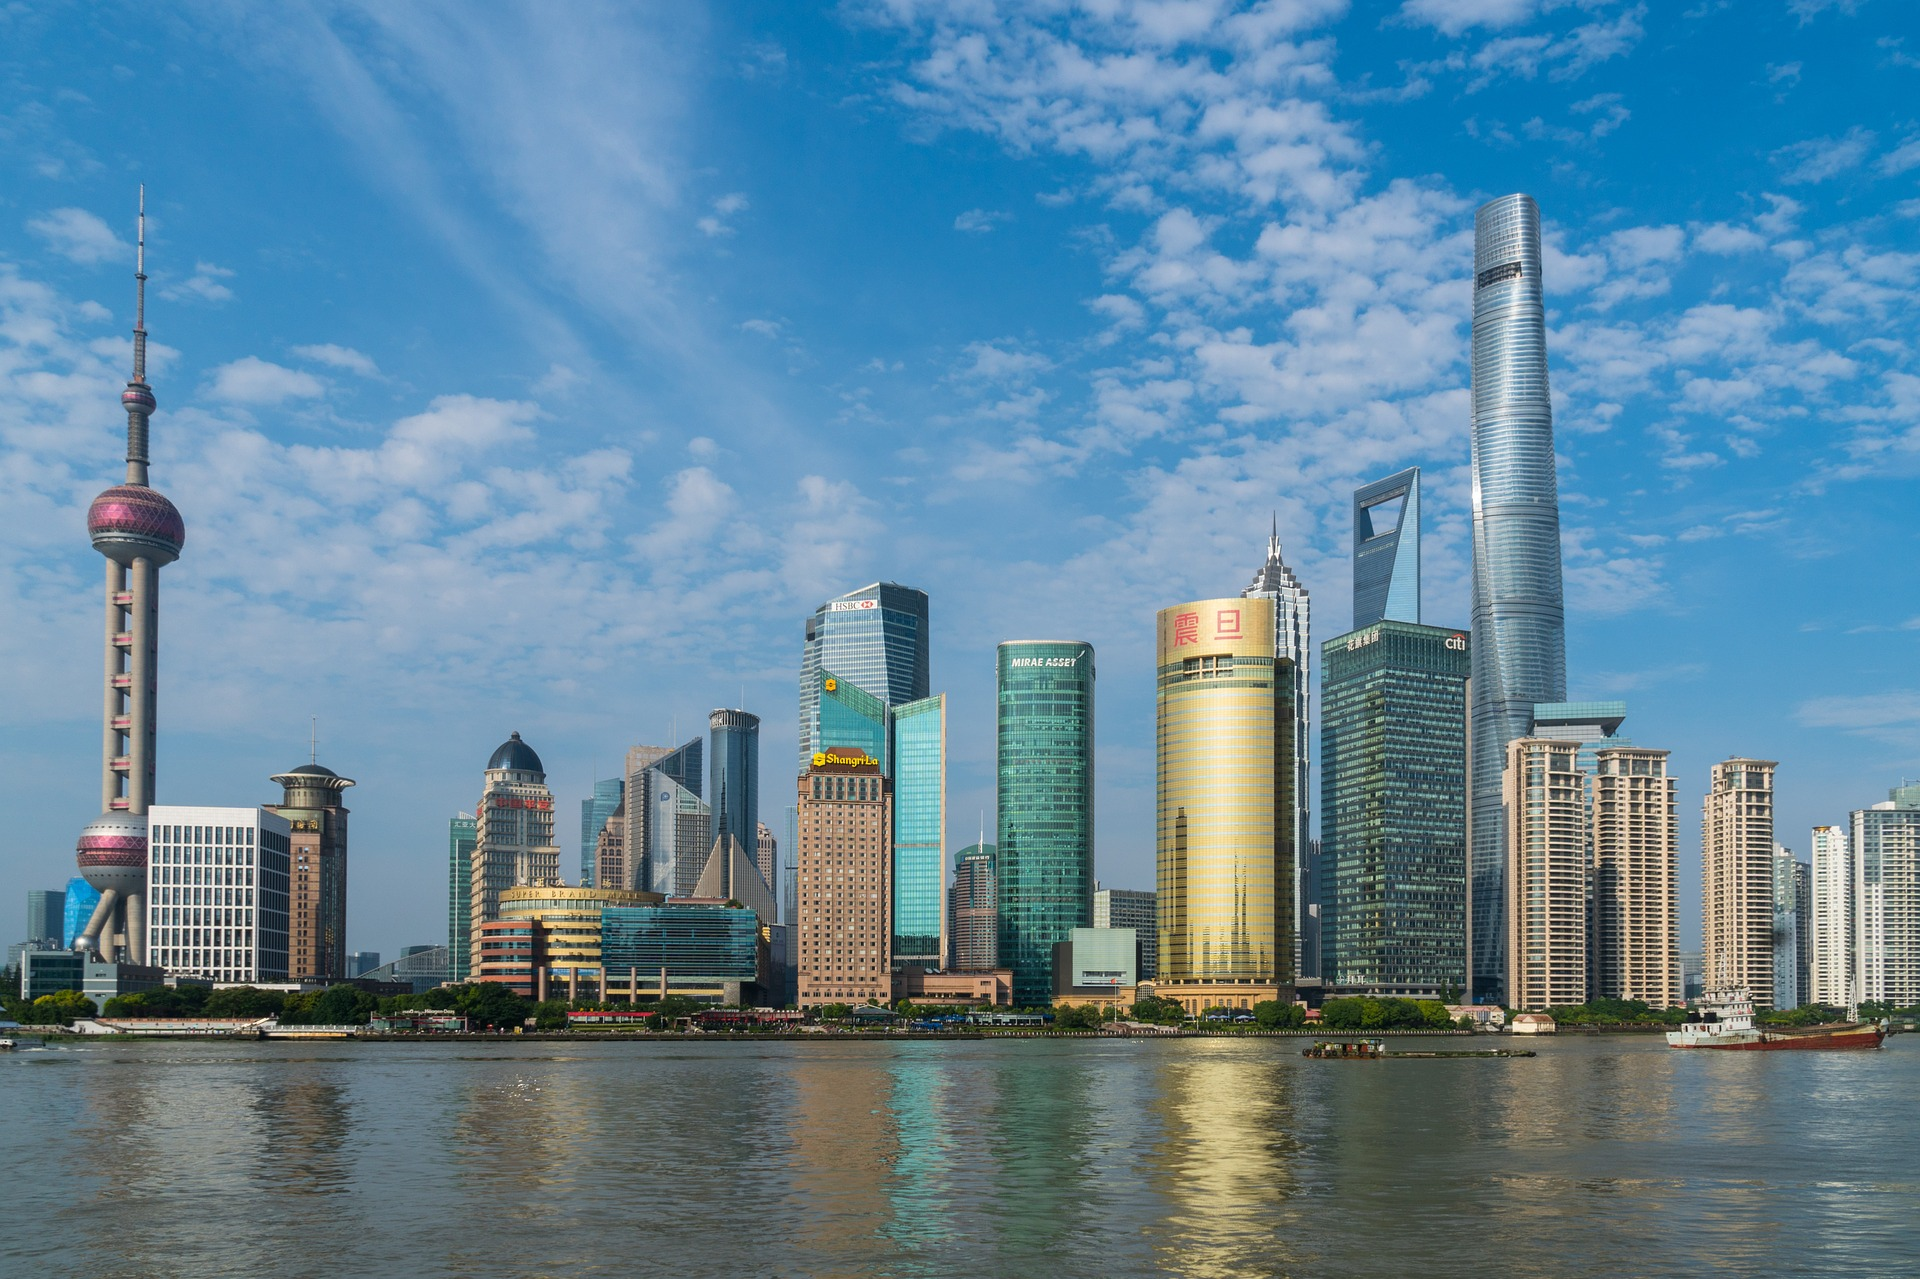 Szanghaj miasto we wschodnich Chinach, leży przy ujściu rzeki Jangcy. W Szanghaju znajduje się tor Formuły 1 Shanghai International Circuit..